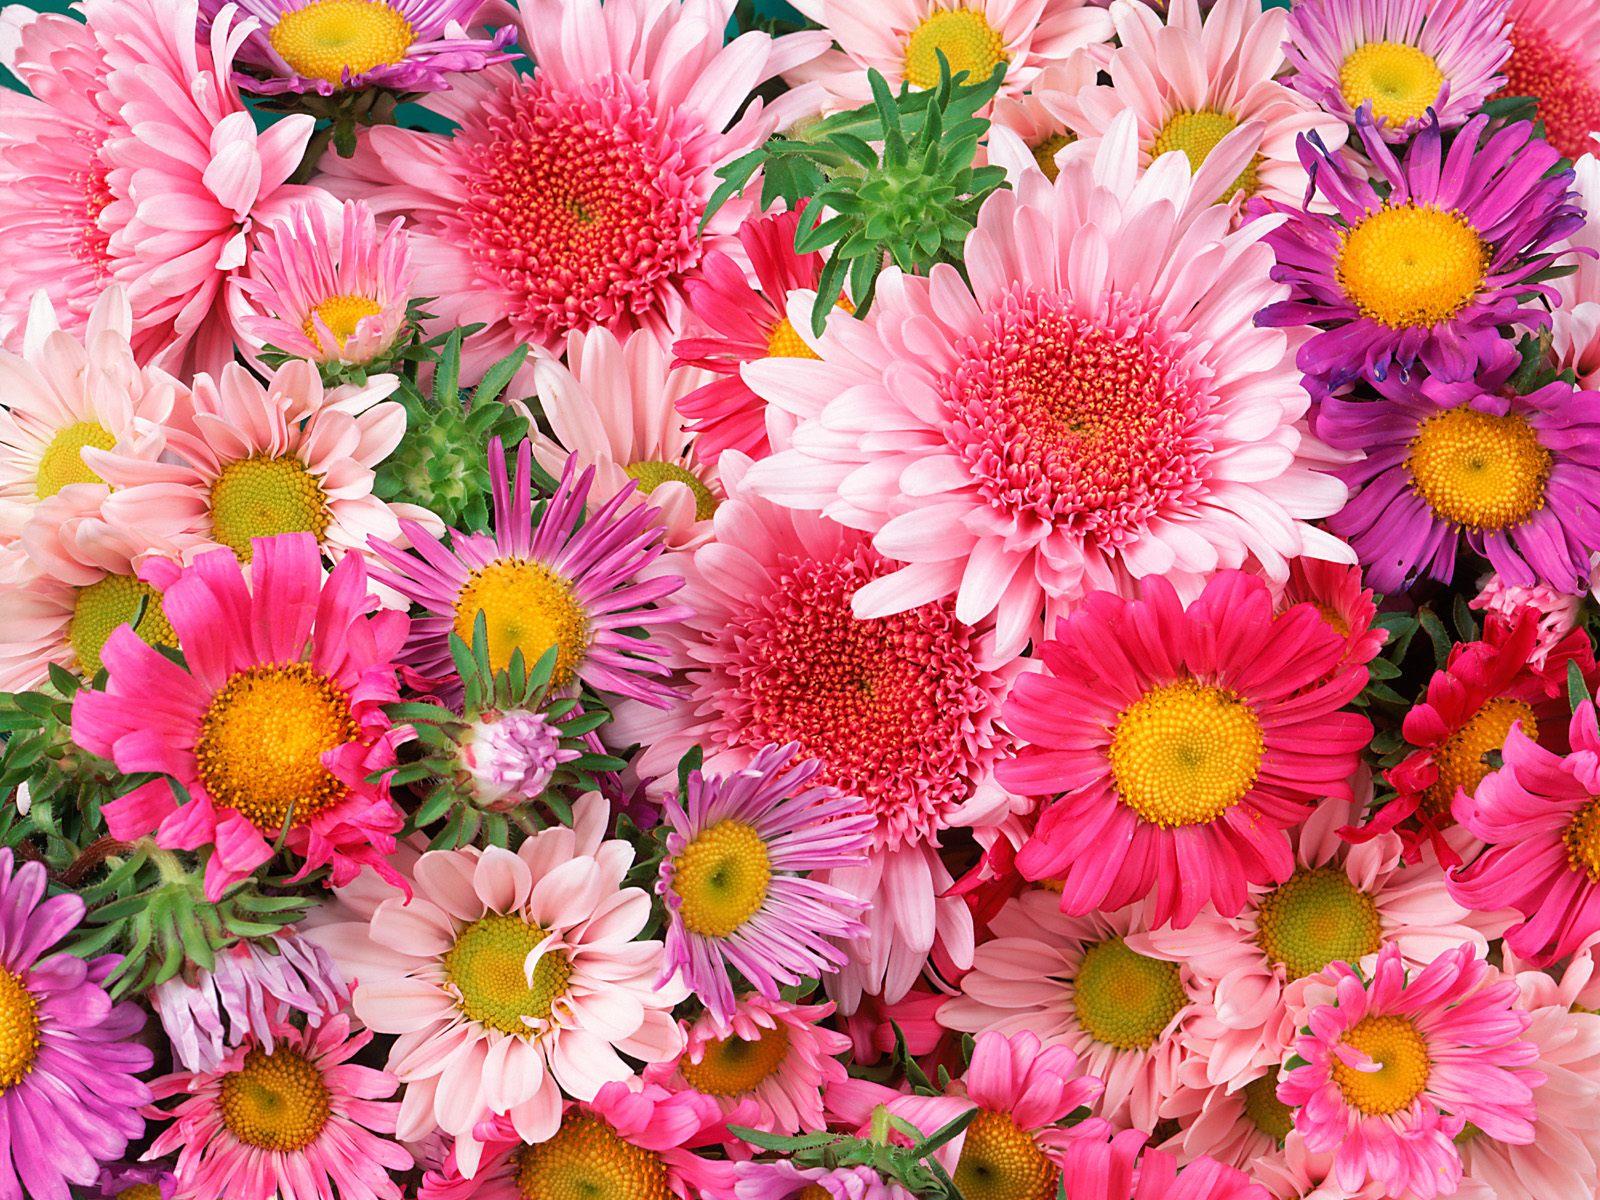 http://2.bp.blogspot.com/-srQZz6kluC0/T768a1V-lcI/AAAAAAAABd8/9P1ebV9LRJc/s1600/Pretty+in+pink+daisies.jpg